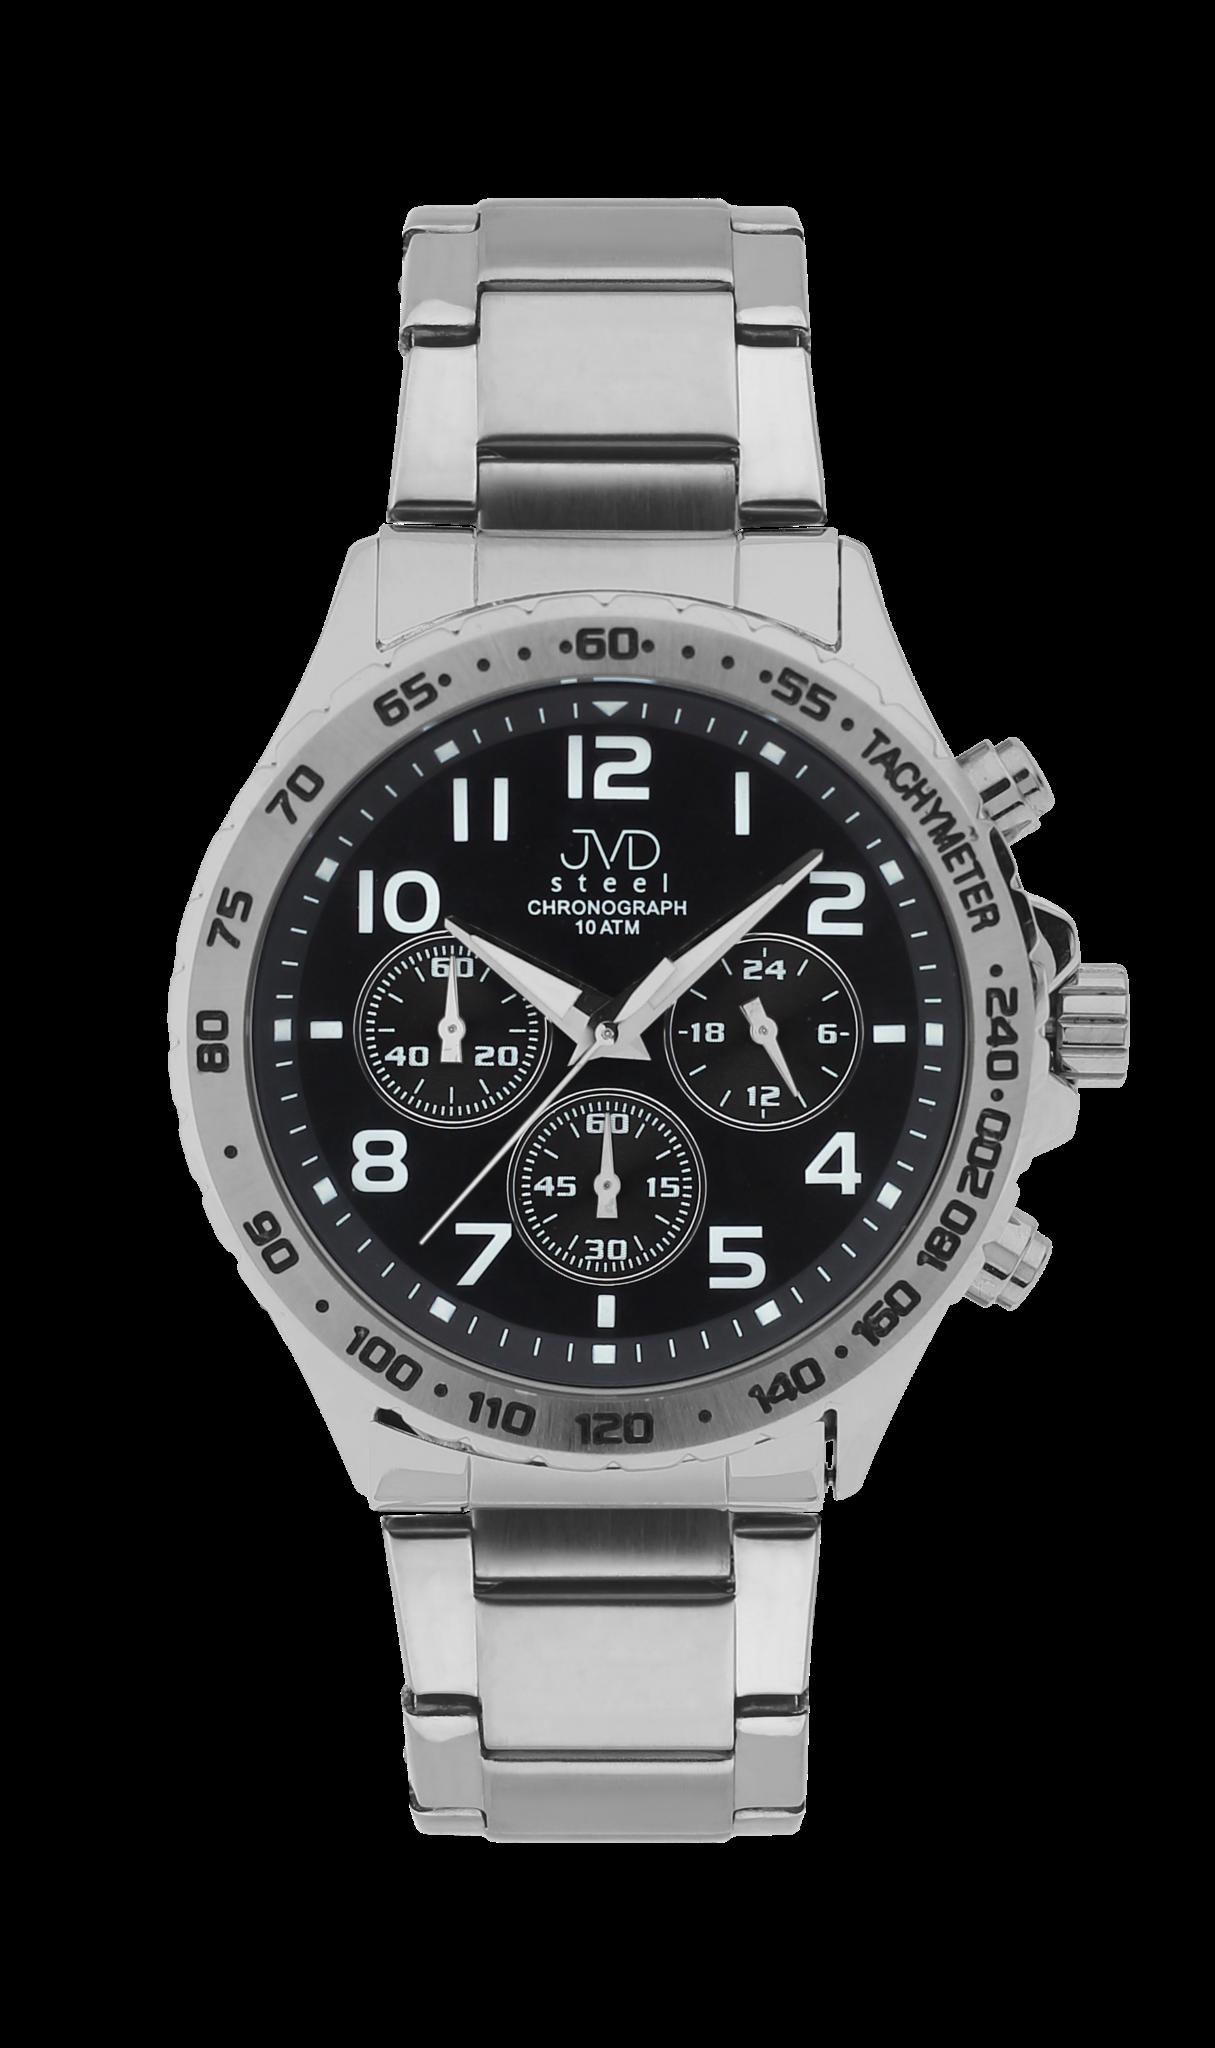 Luxusní vodotěsné černé hodinky JVD steel J1079.2 chronografy 10ATM  (POŠTOVNÉ ZDARMA! 7e447e34055